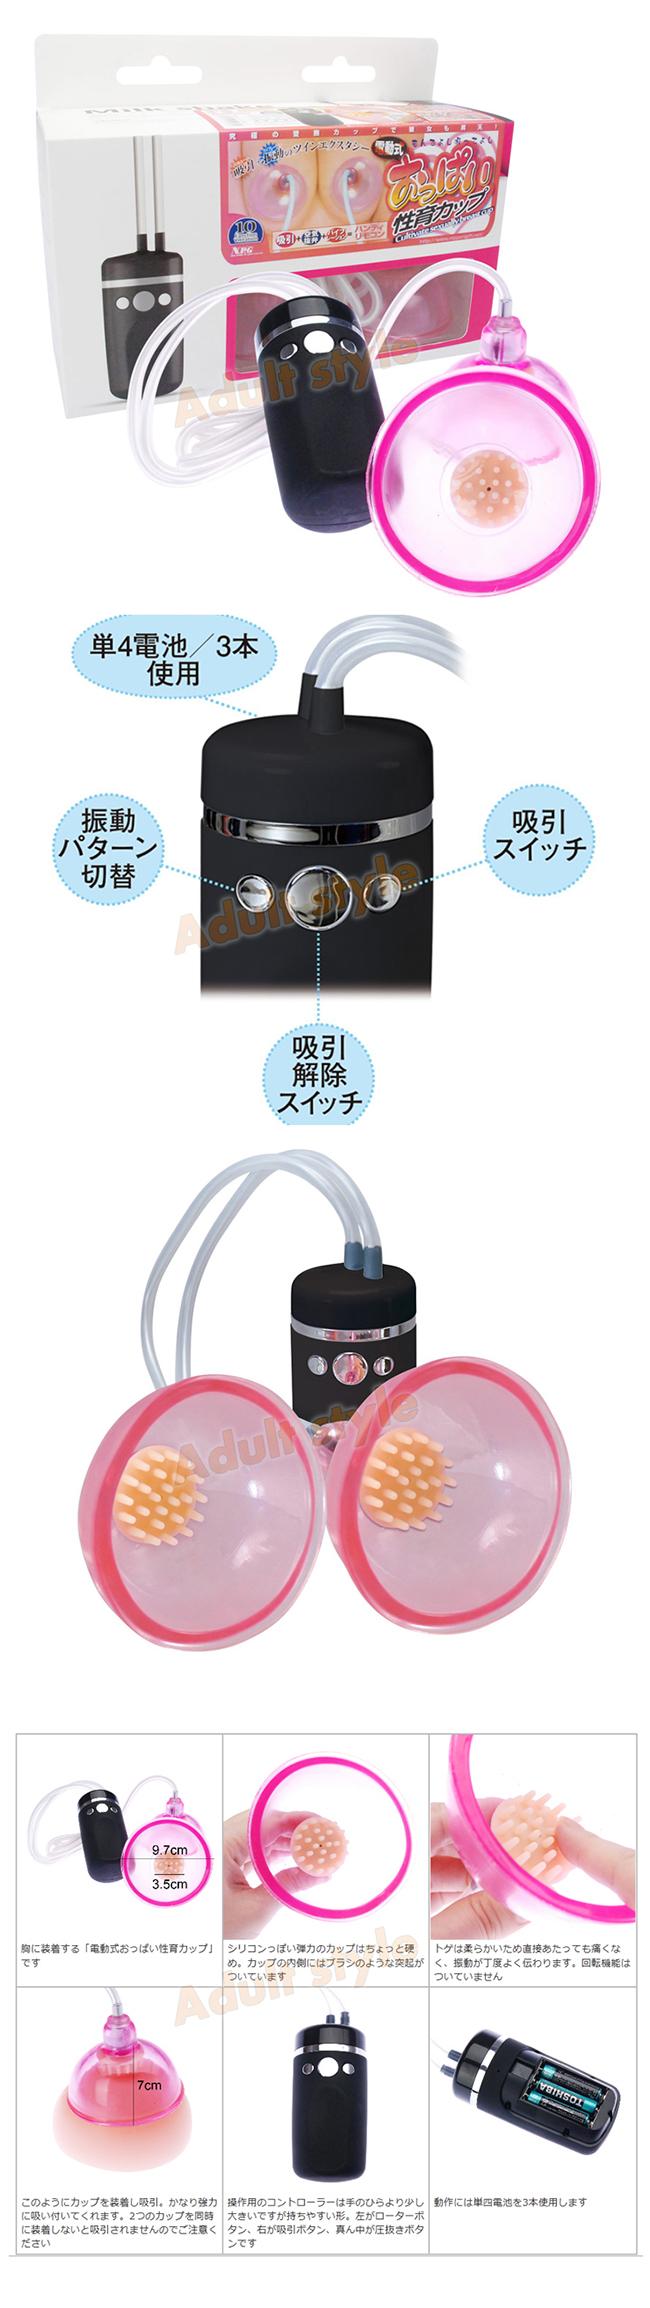 情趣精品-日本NPG-究極愛撫10頻吸+震乳頭愛撫刺激器